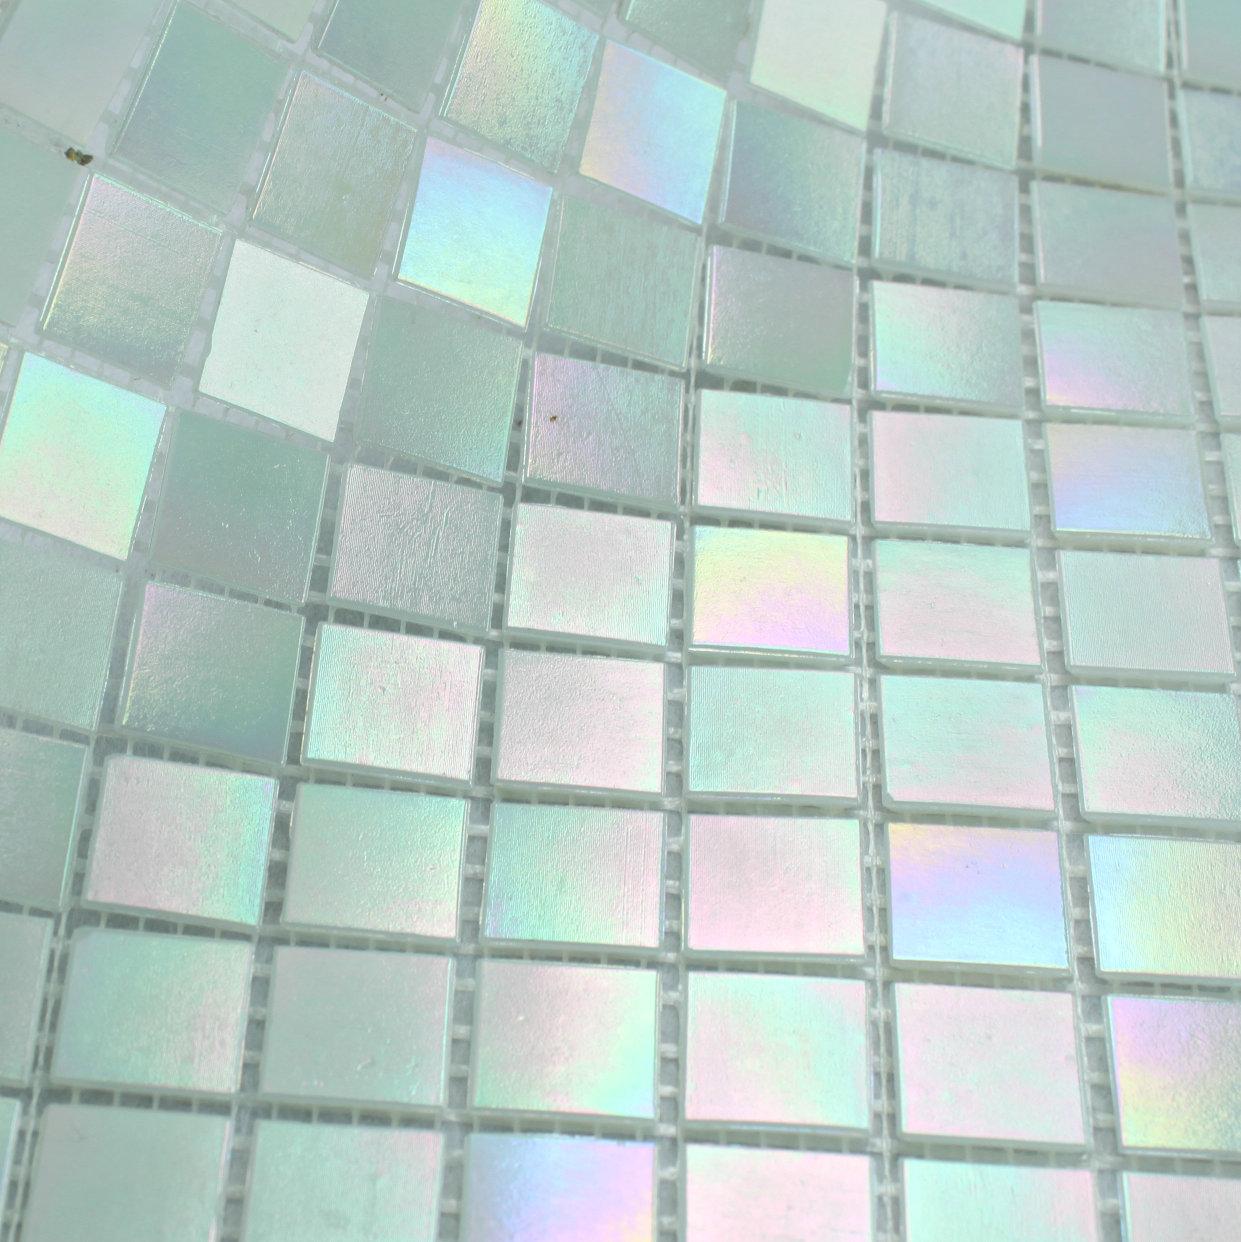 Glass bathroom floor tile - Free Shipping Glimmer Rainbow Iridescent White Glass Mosaic Tile For Backsplash Kitchen Wall Tile Sticker Bathroom Floor Tile